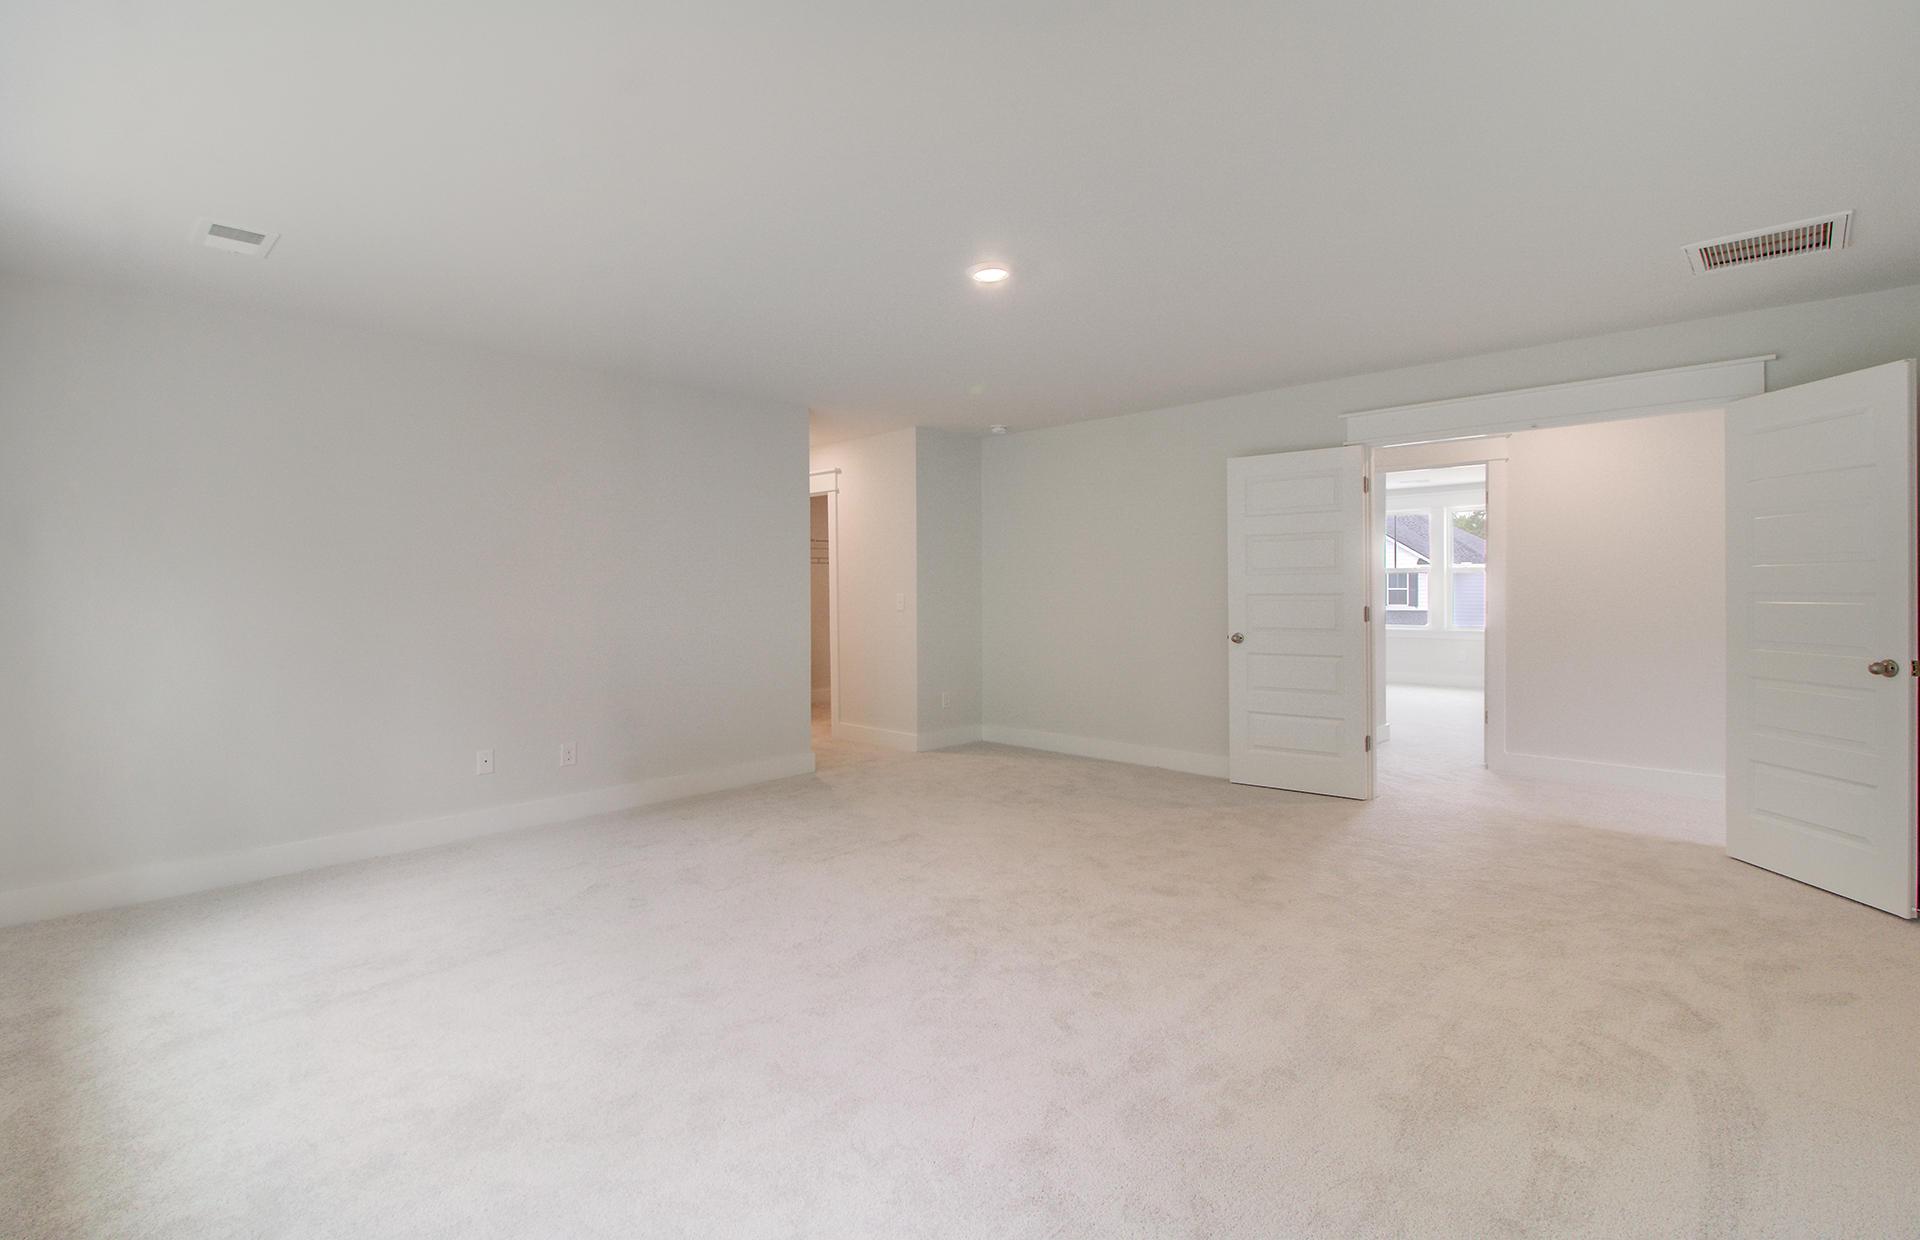 Park West Homes For Sale - 3013 Caspian, Mount Pleasant, SC - 14